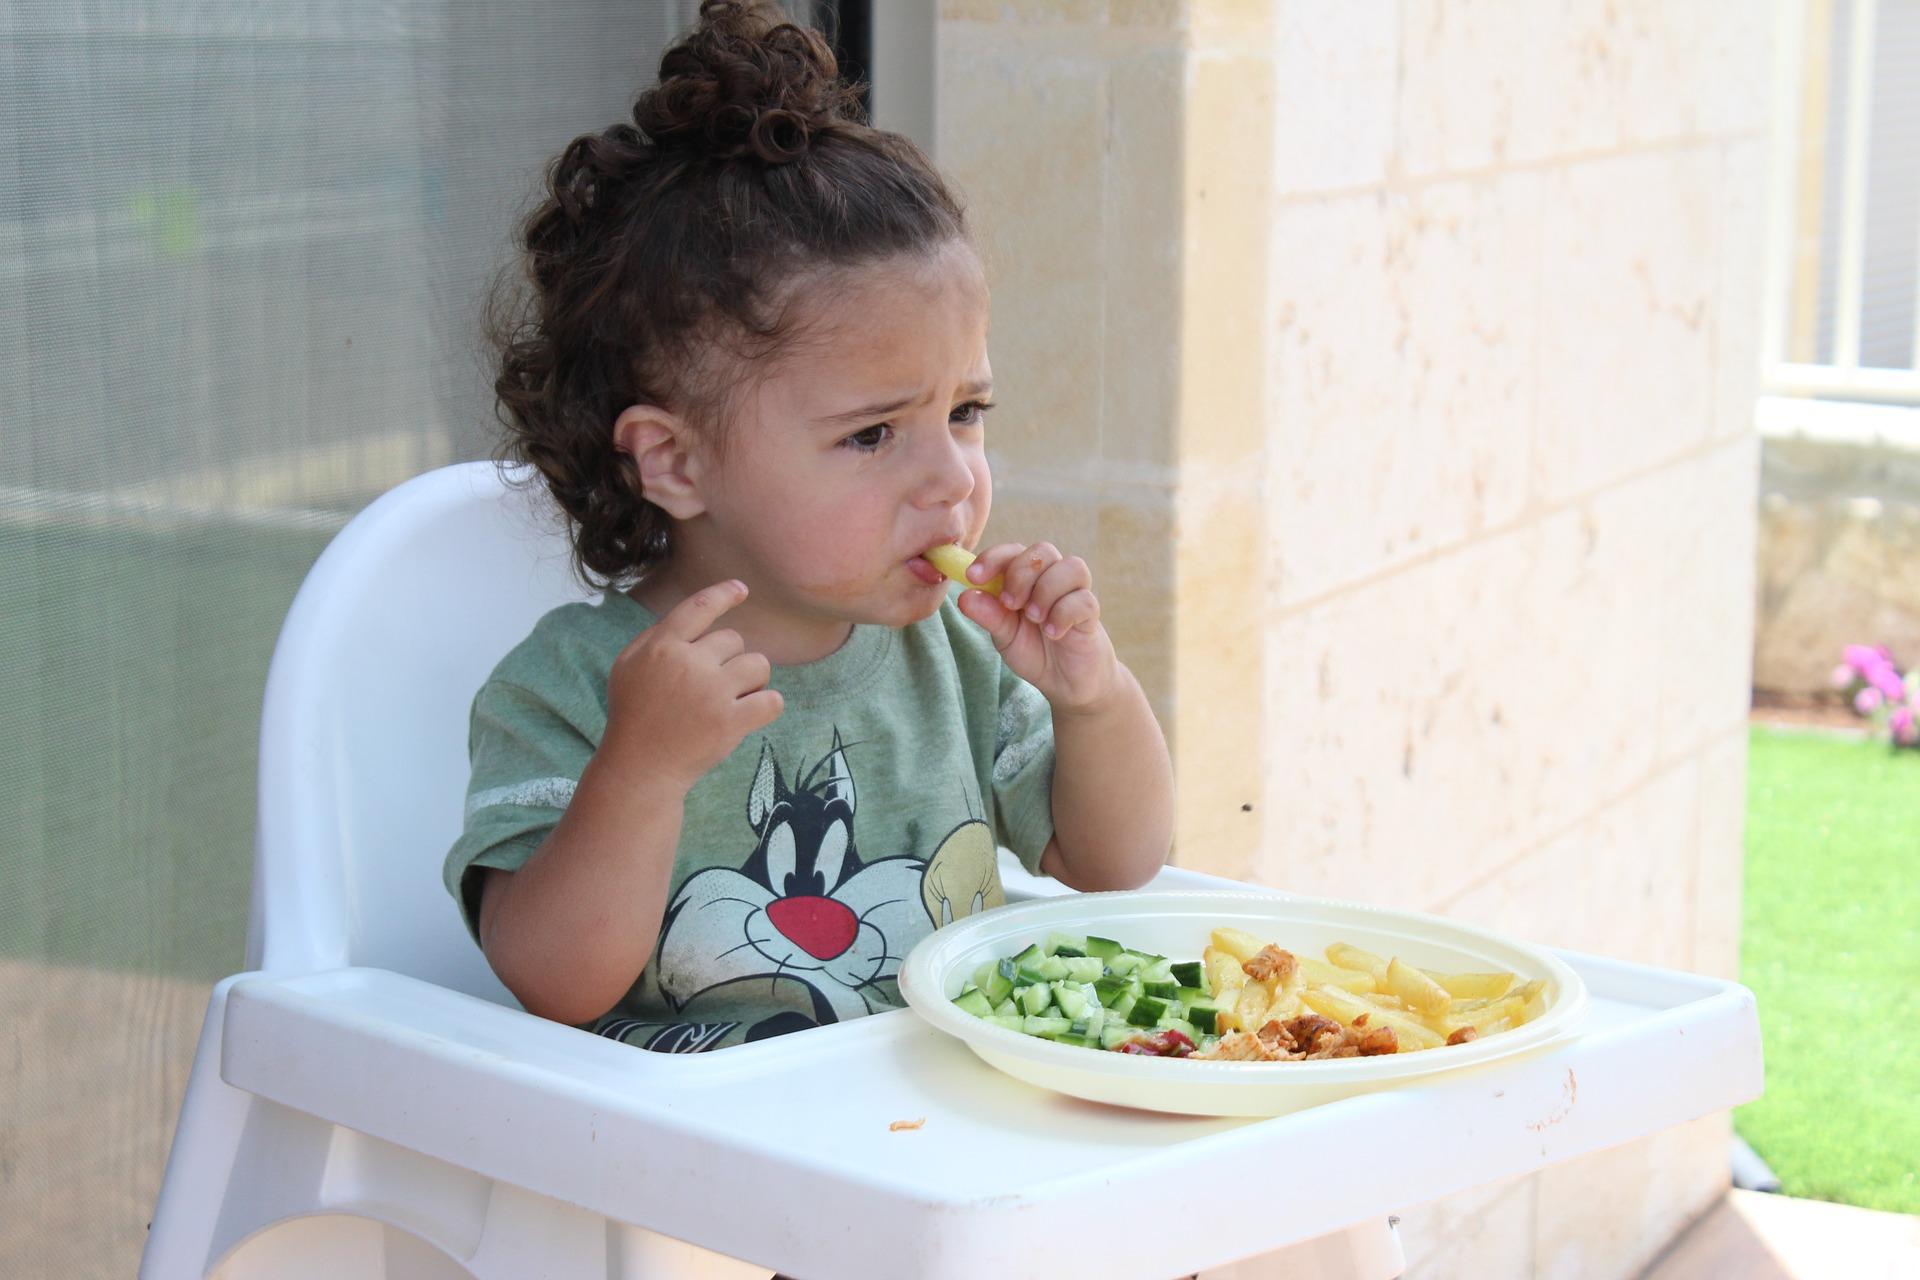 Plats_approuvés_par_les_enfants_:_Rendre_l_heure_du_repas_amusant